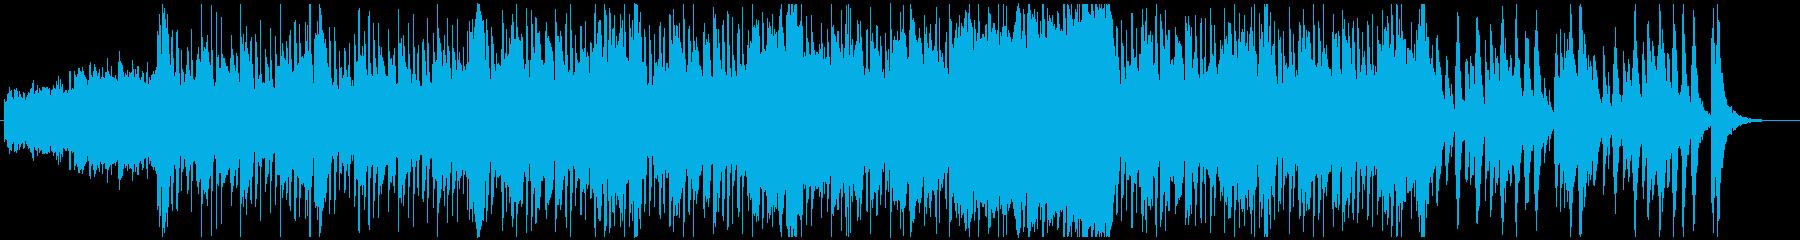 オーケストラ編成の明るい楽曲の再生済みの波形